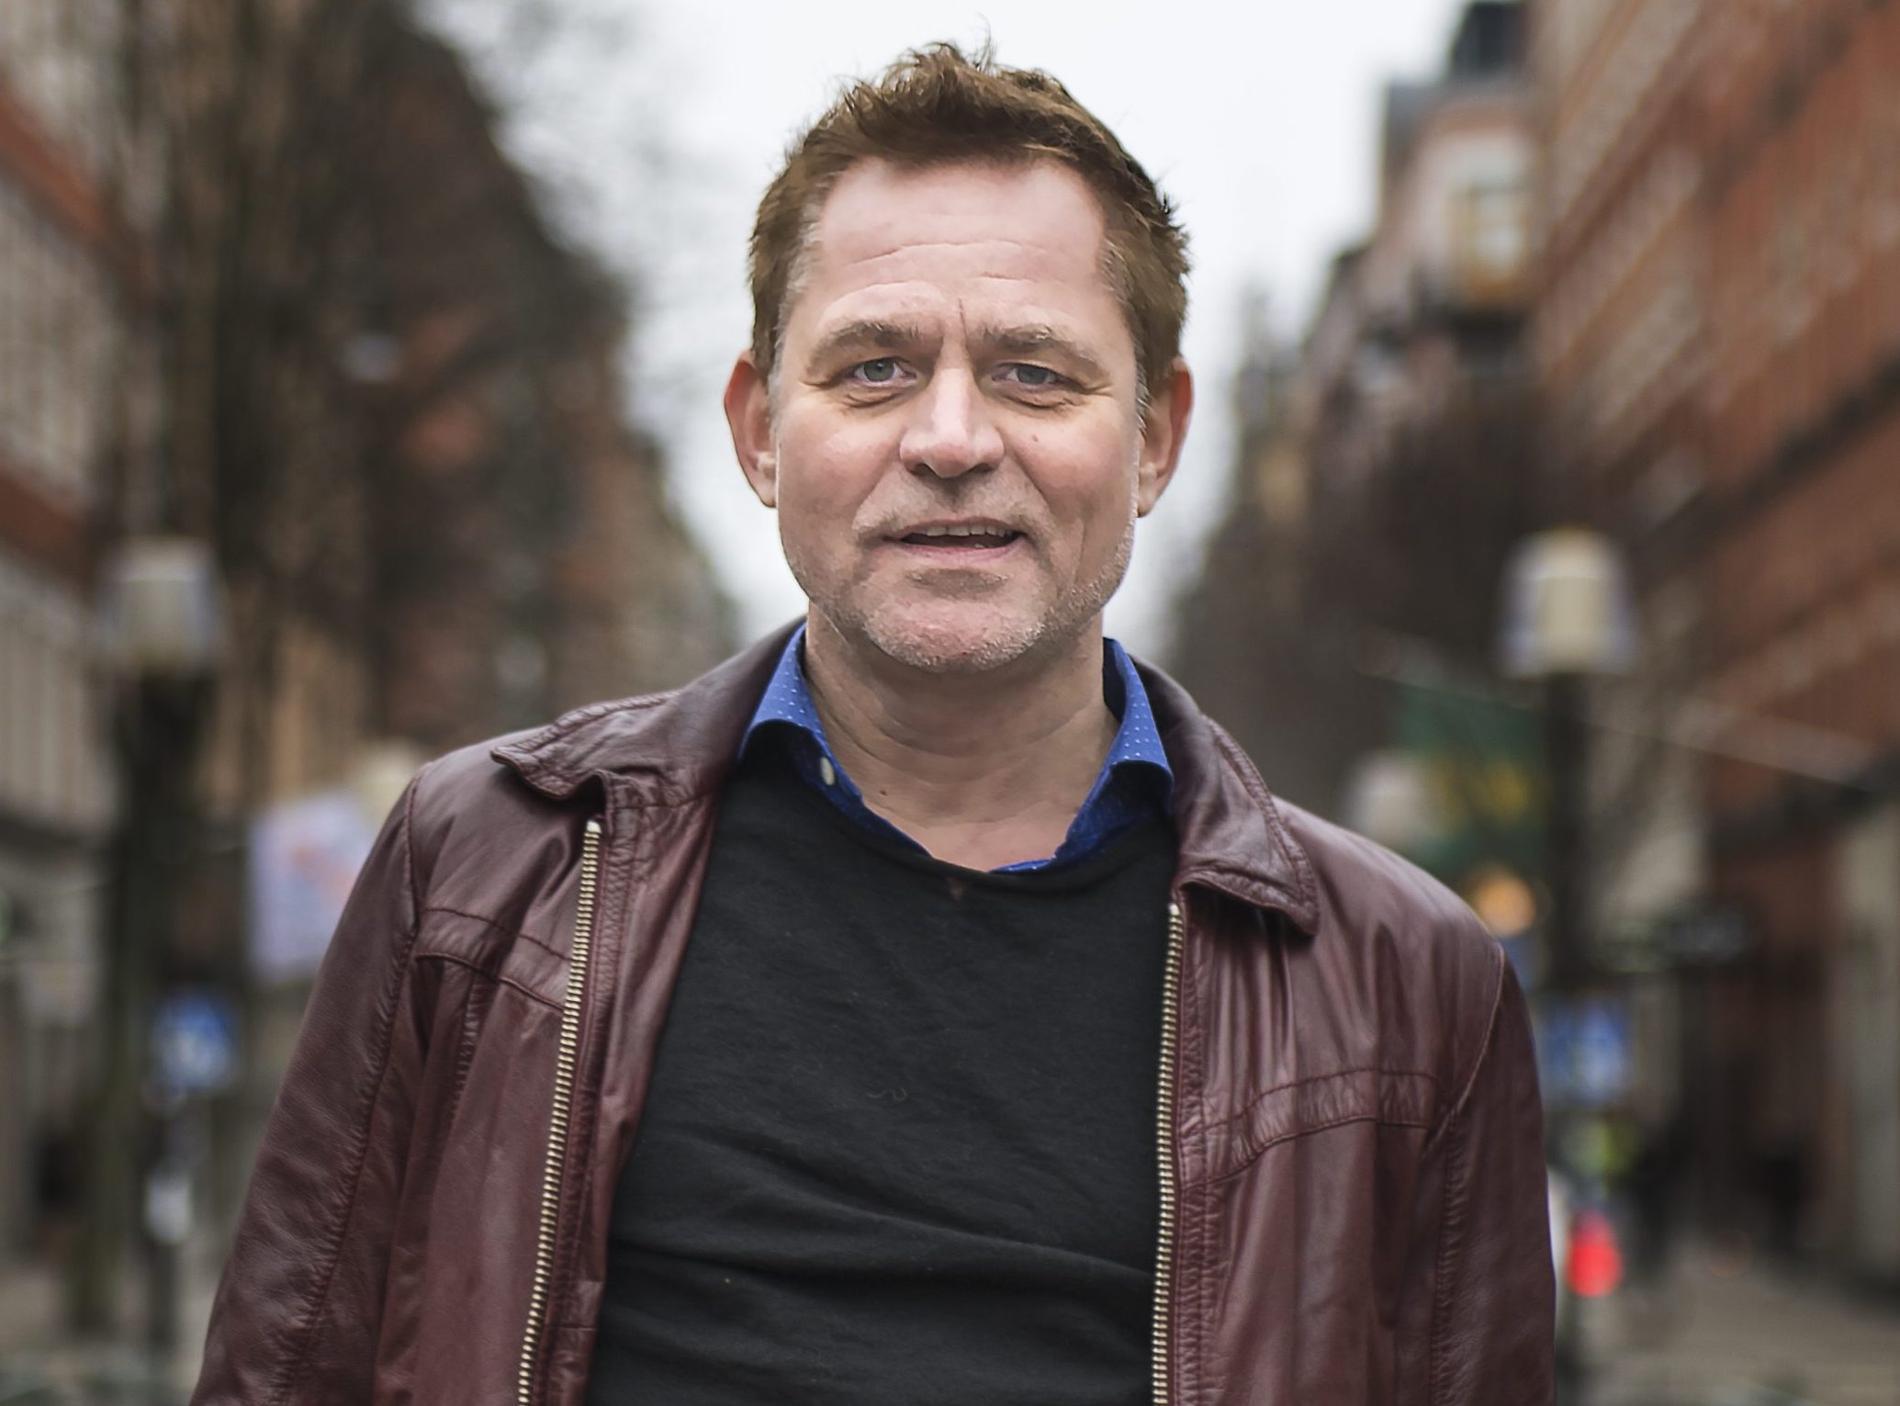 Rickard Olsson tror inte att regeringens förslag kommer att lösa problemen.